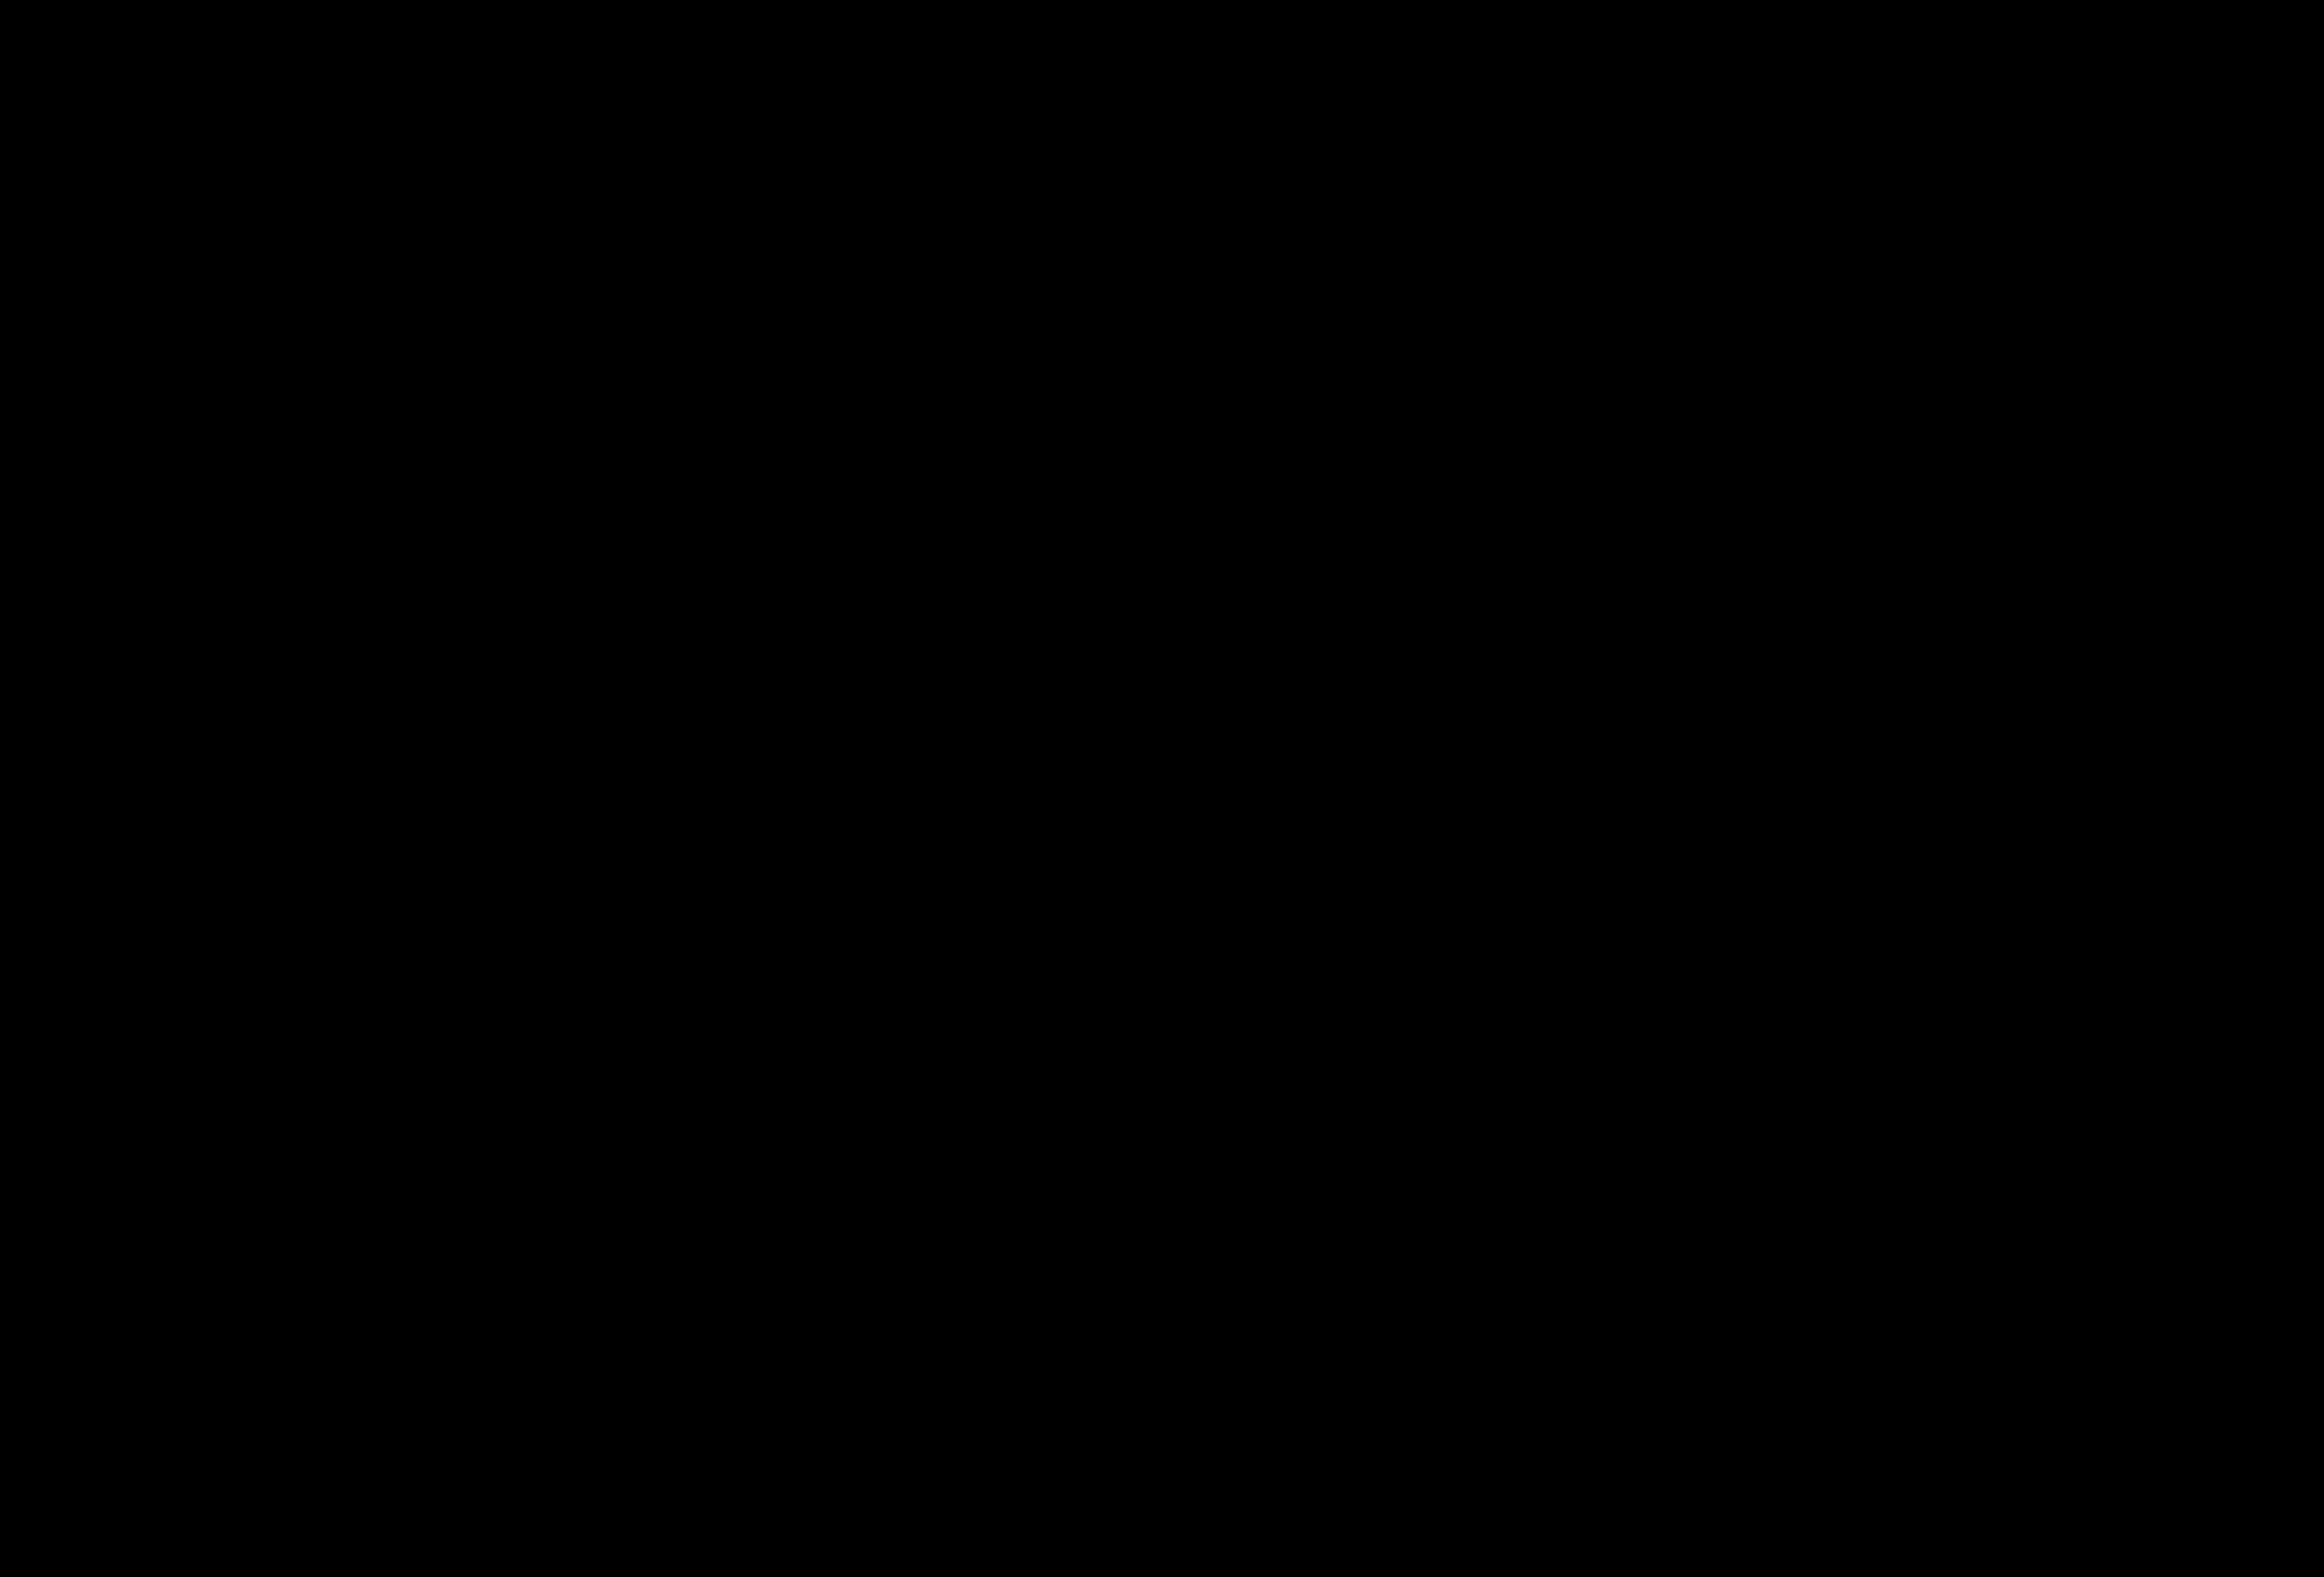 SHEET 5-Sheet 1.jpg